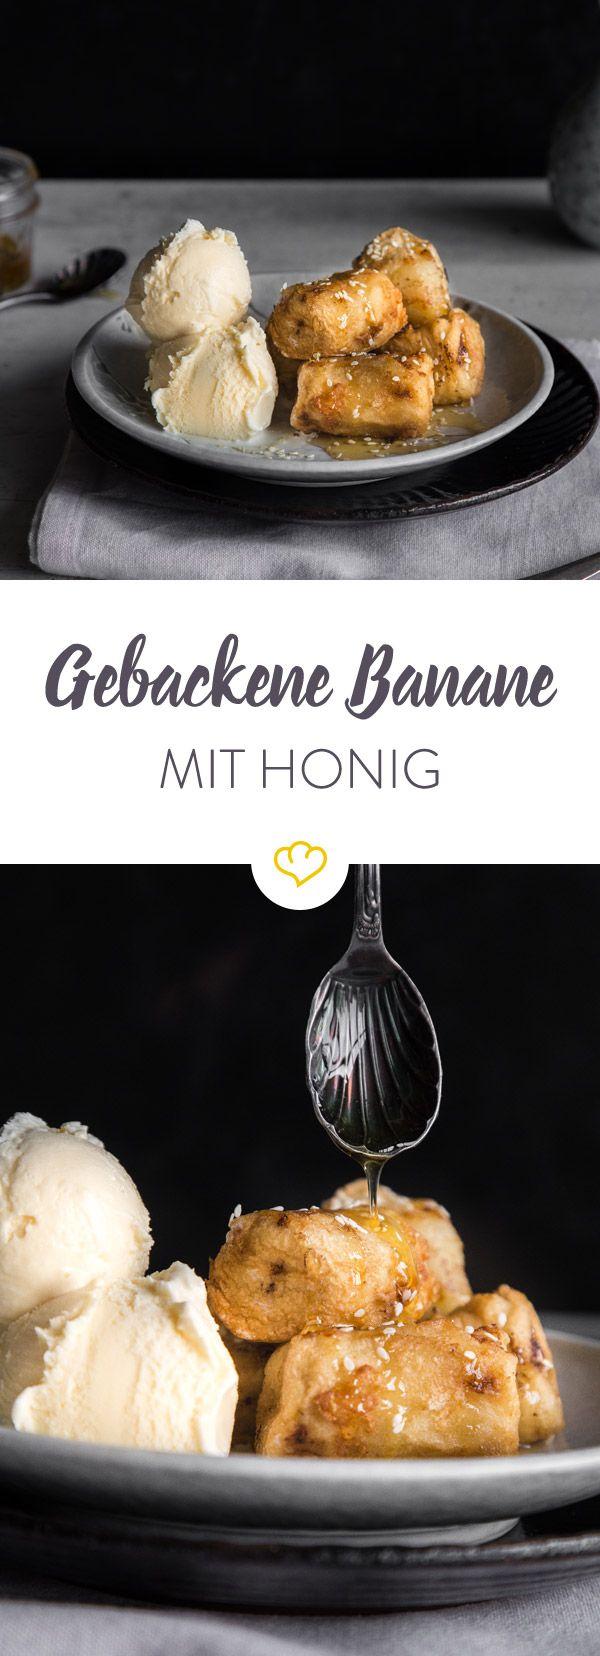 Dessert geht immer! Selbstgemacht schmeckt die gebackene Banane mit Honig und cremigem Vanilleeies sogar noch besser, als bei beim Chinesen um die Ecke.